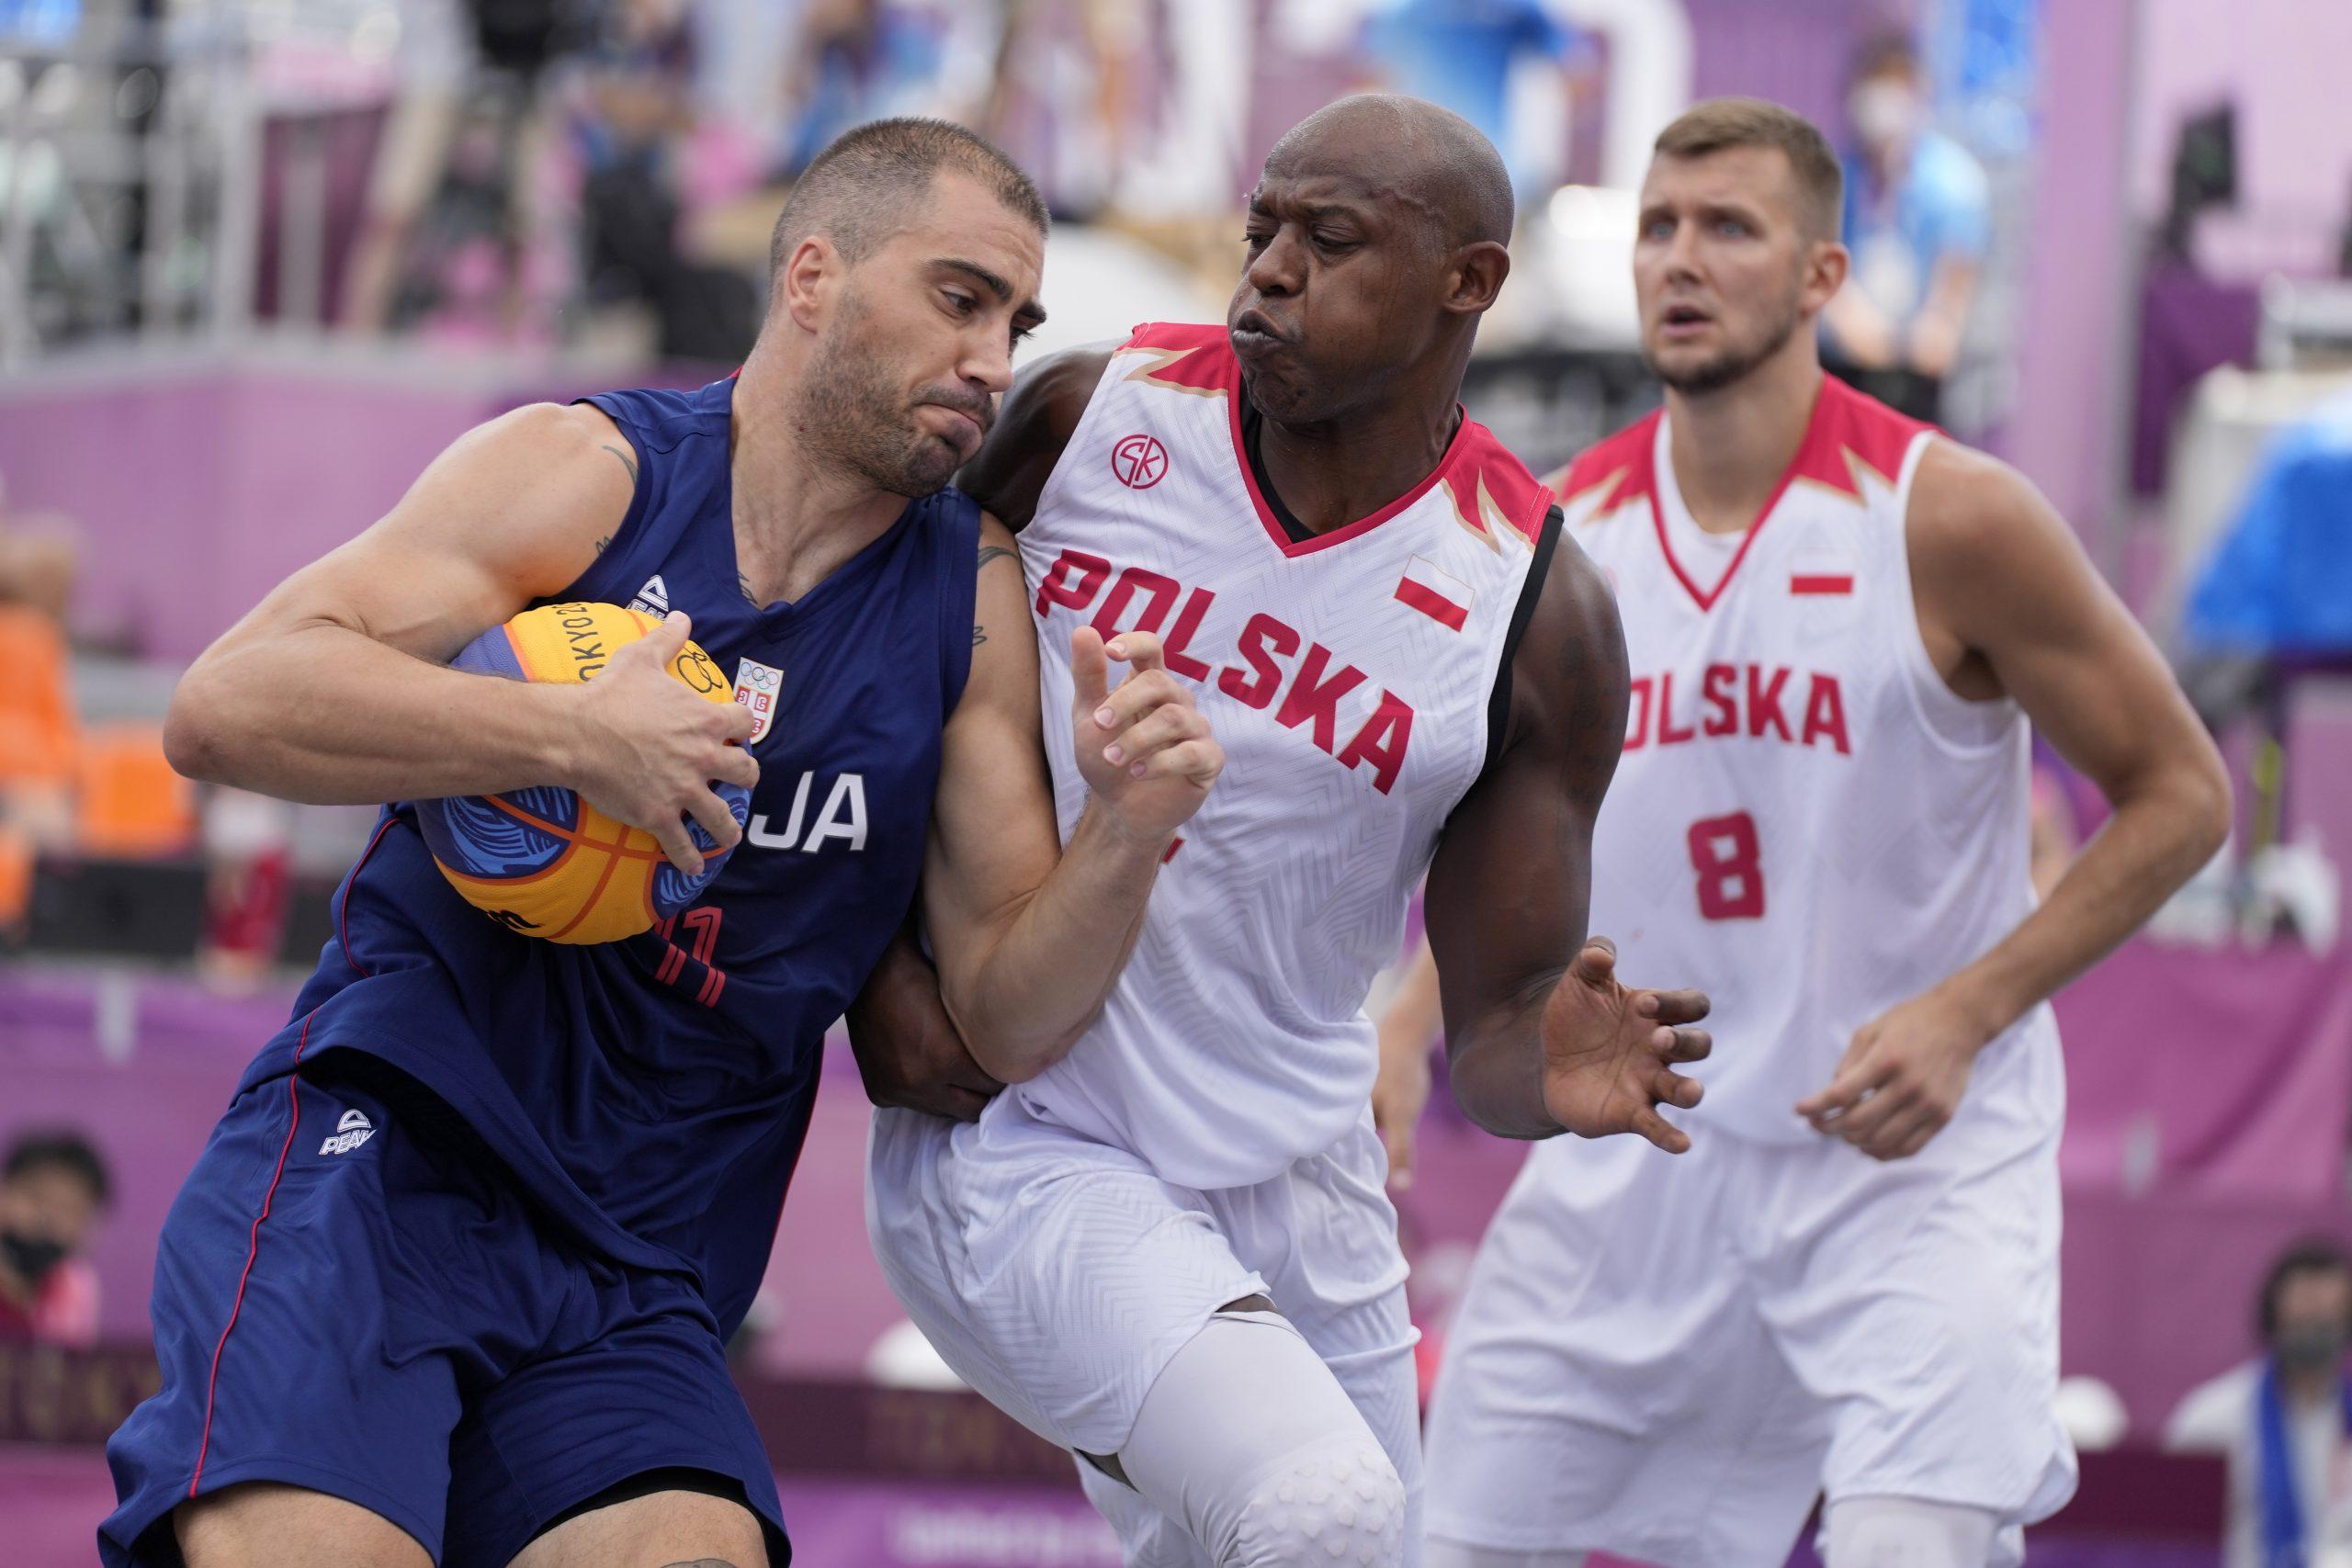 Srbija basket 3x3 basketaši Srbije